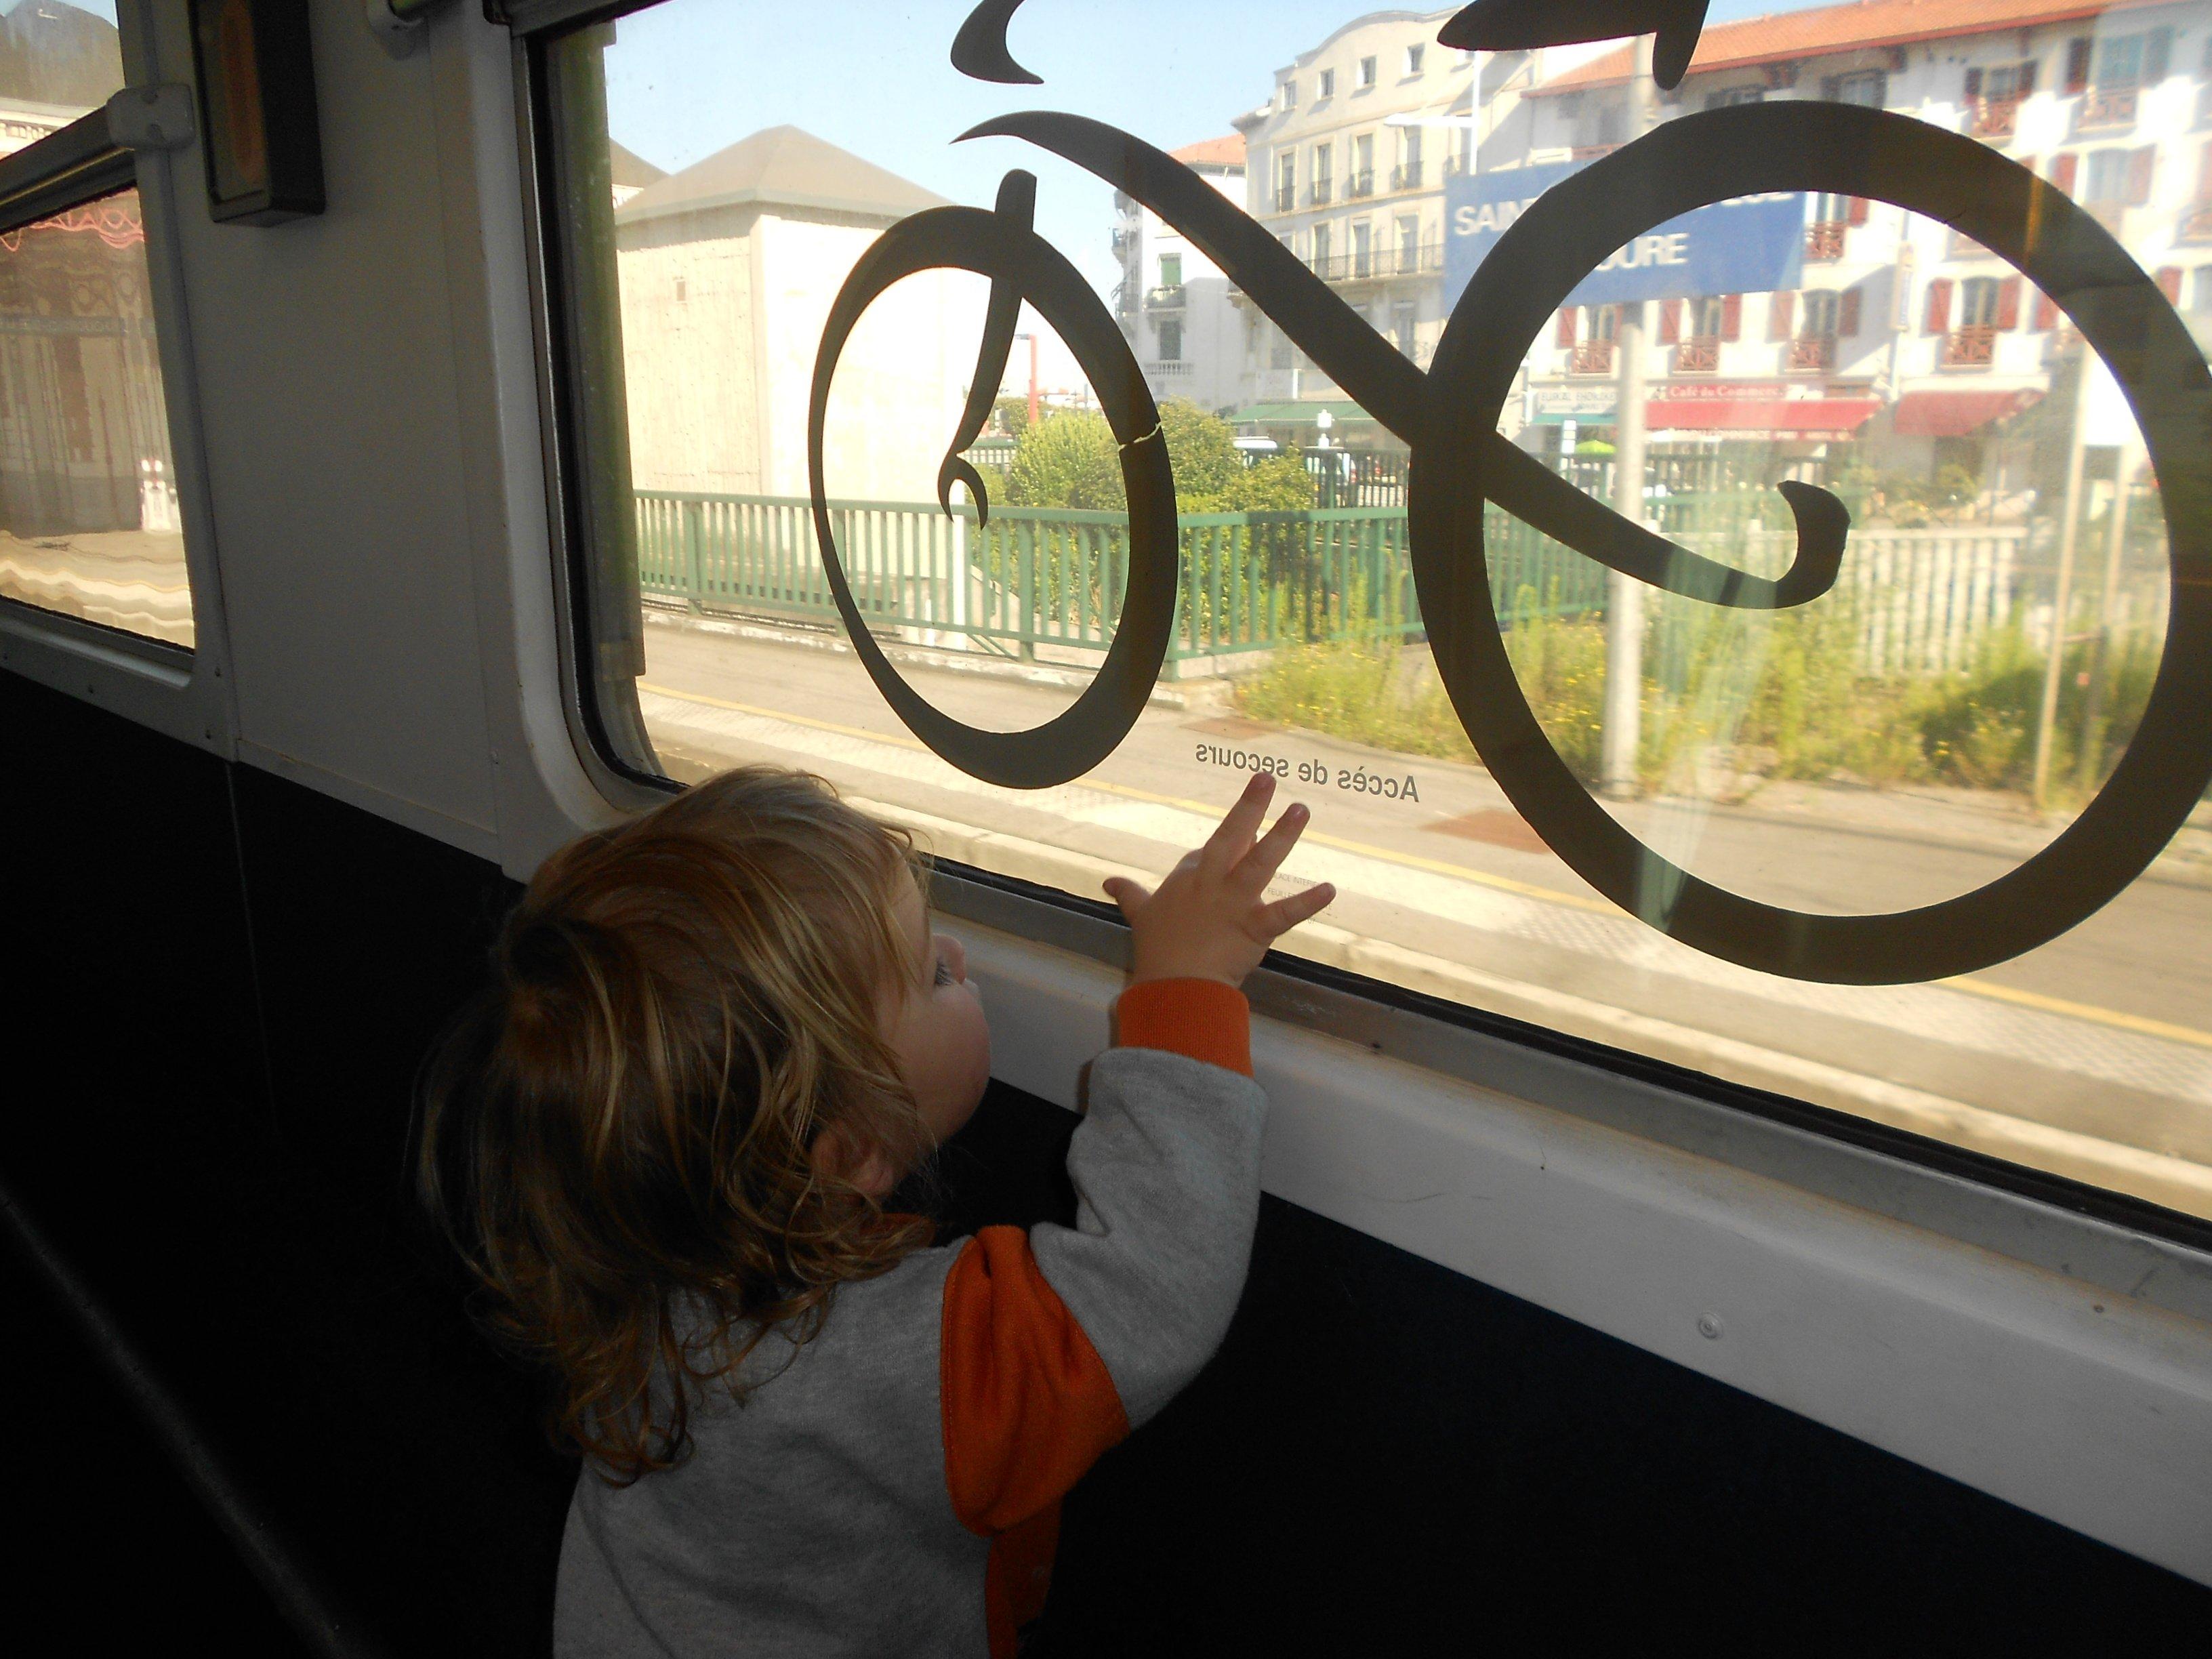 Mit Kind unterwegs per InterRail - nicht die einfachste Sache © Stephanie / www.freileben.net